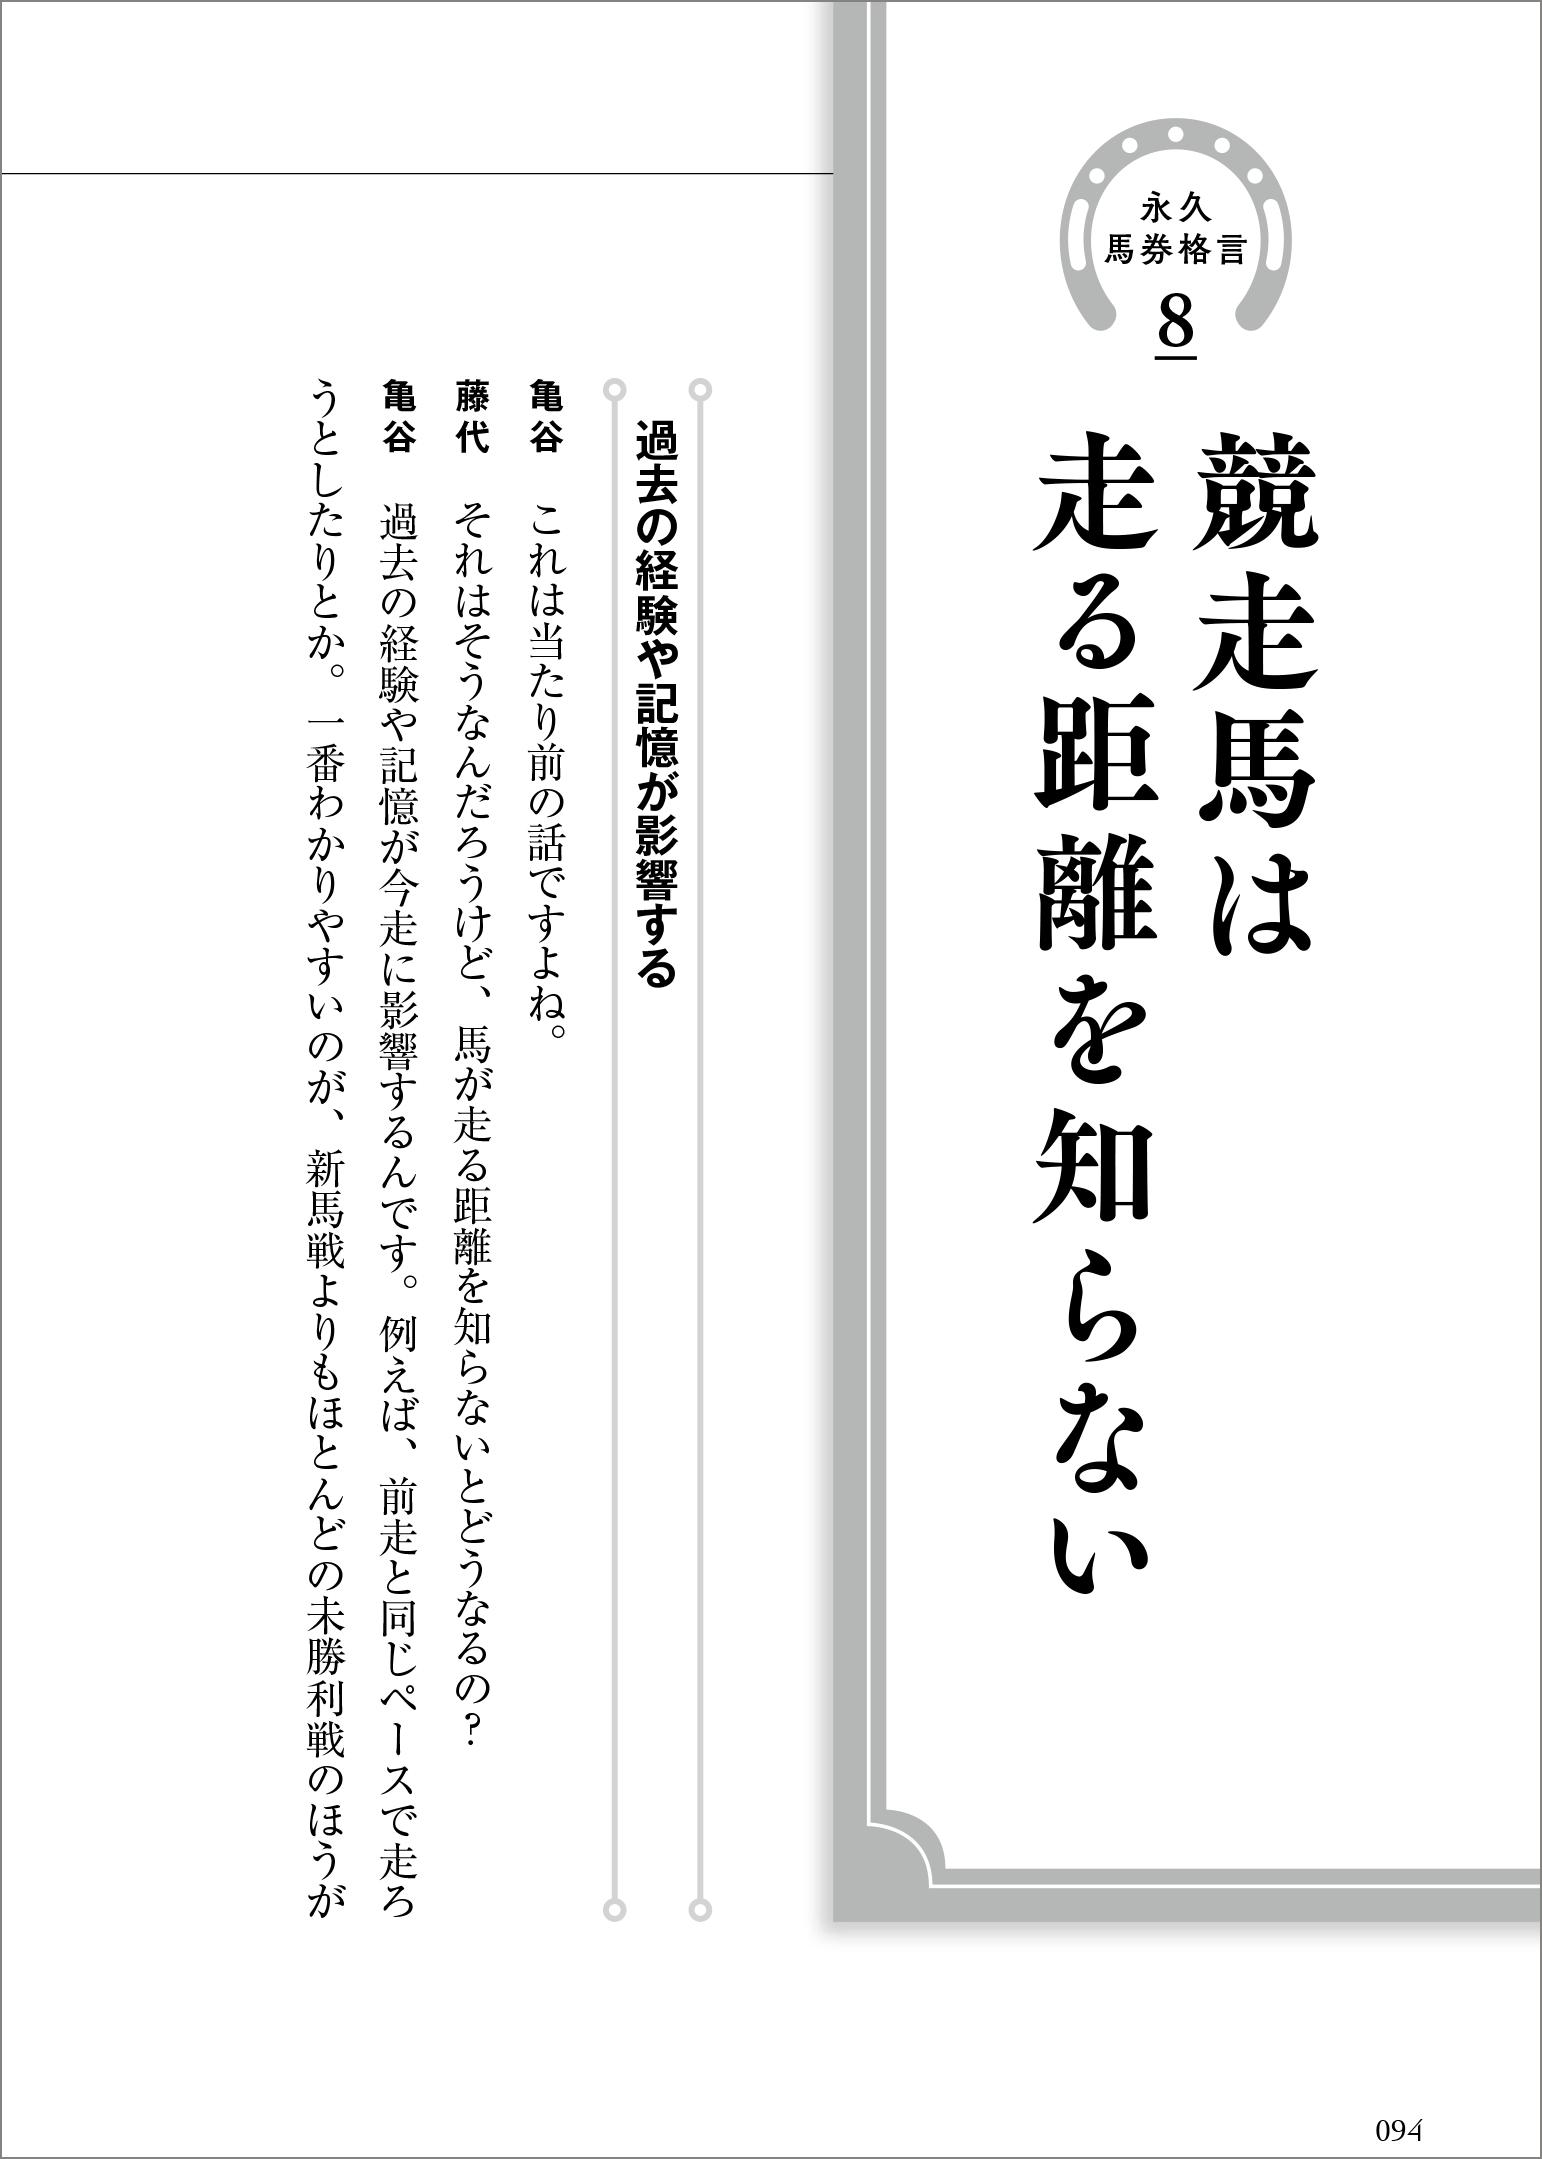 馬券格言_p.94